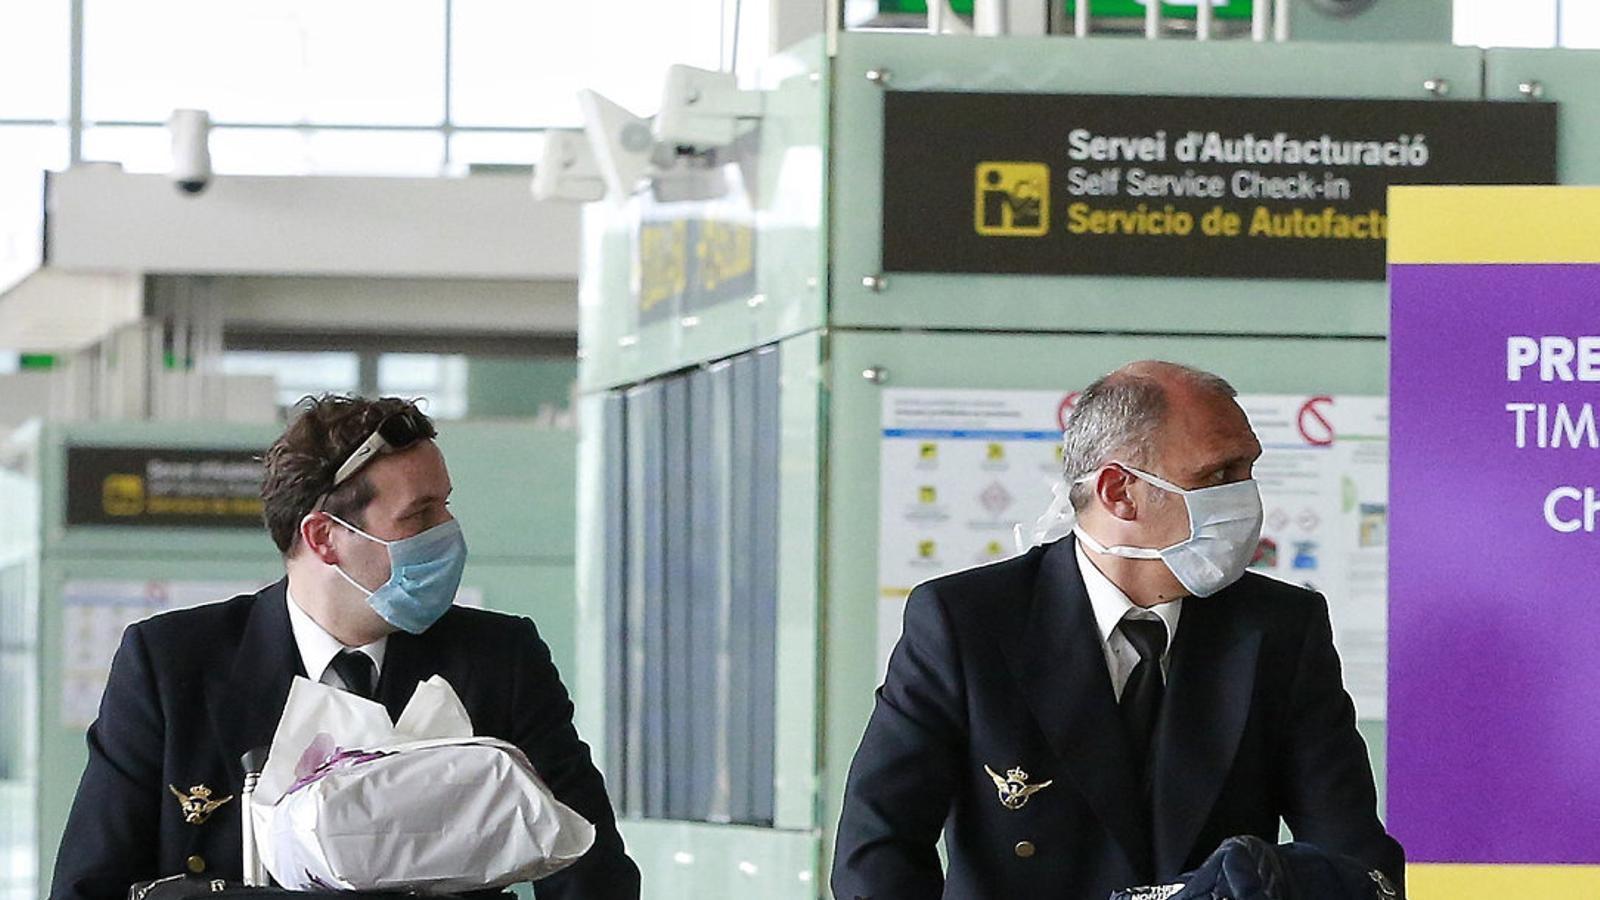 Dos pilots circulant amb mascareta per l'aeroport  Del Prat, pràcticament desert, durant la pandèmia del coronavirus.